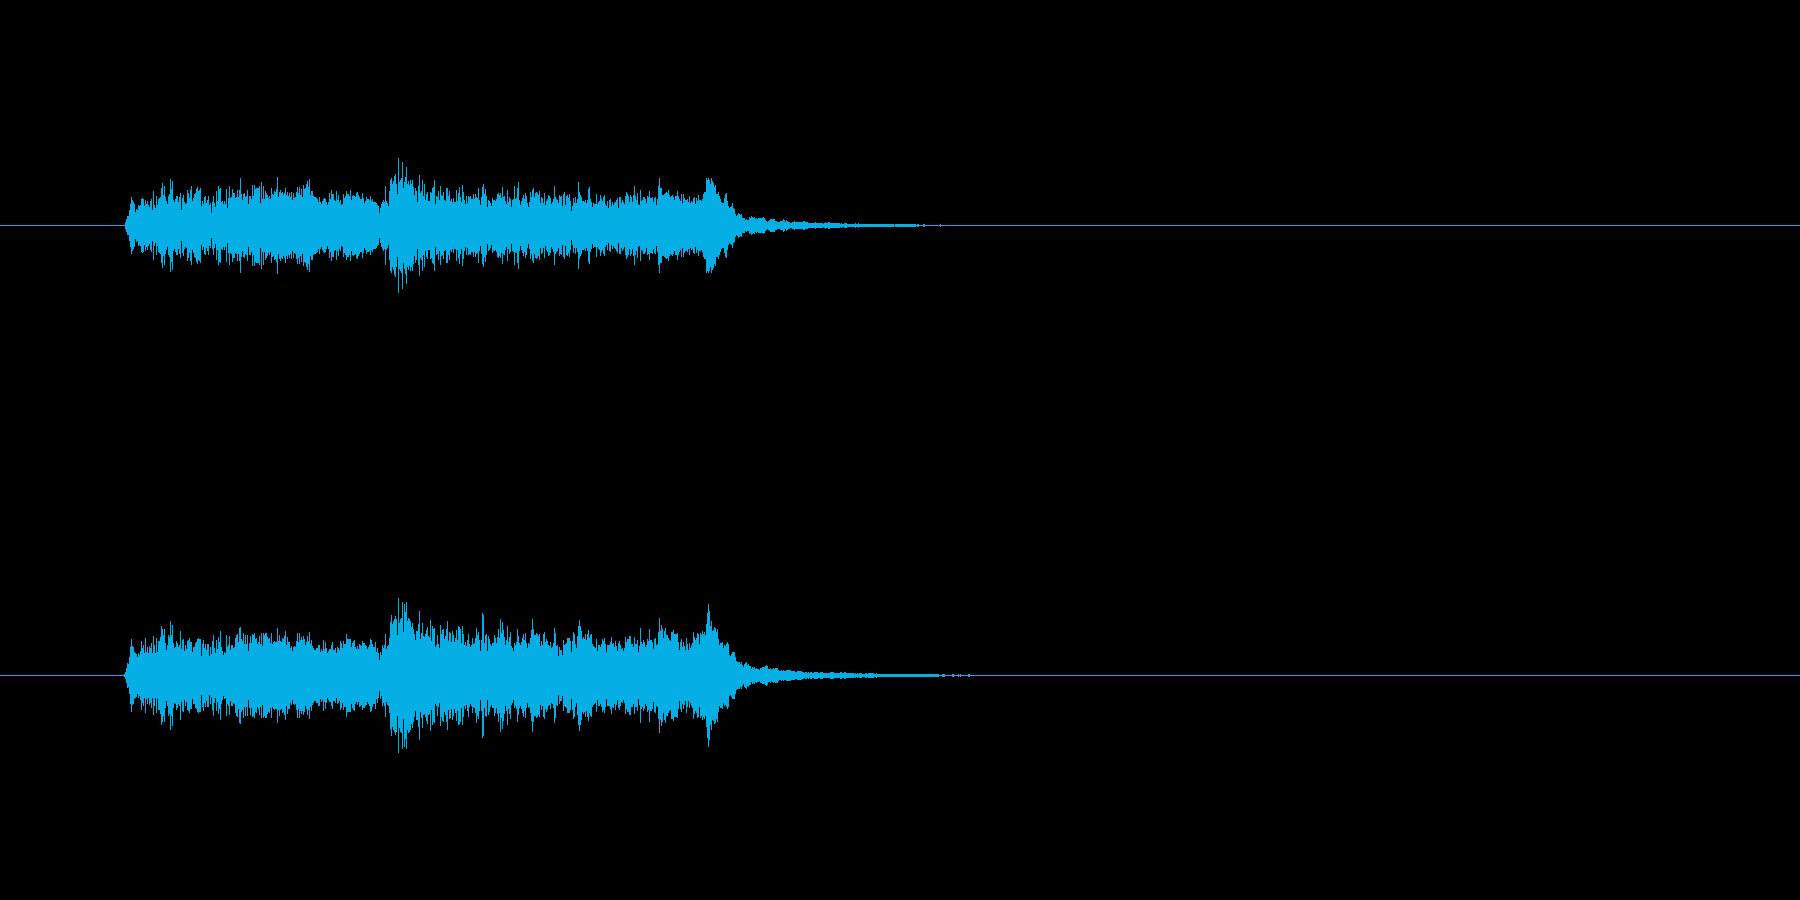 ジングル(ファンファーレ)の再生済みの波形